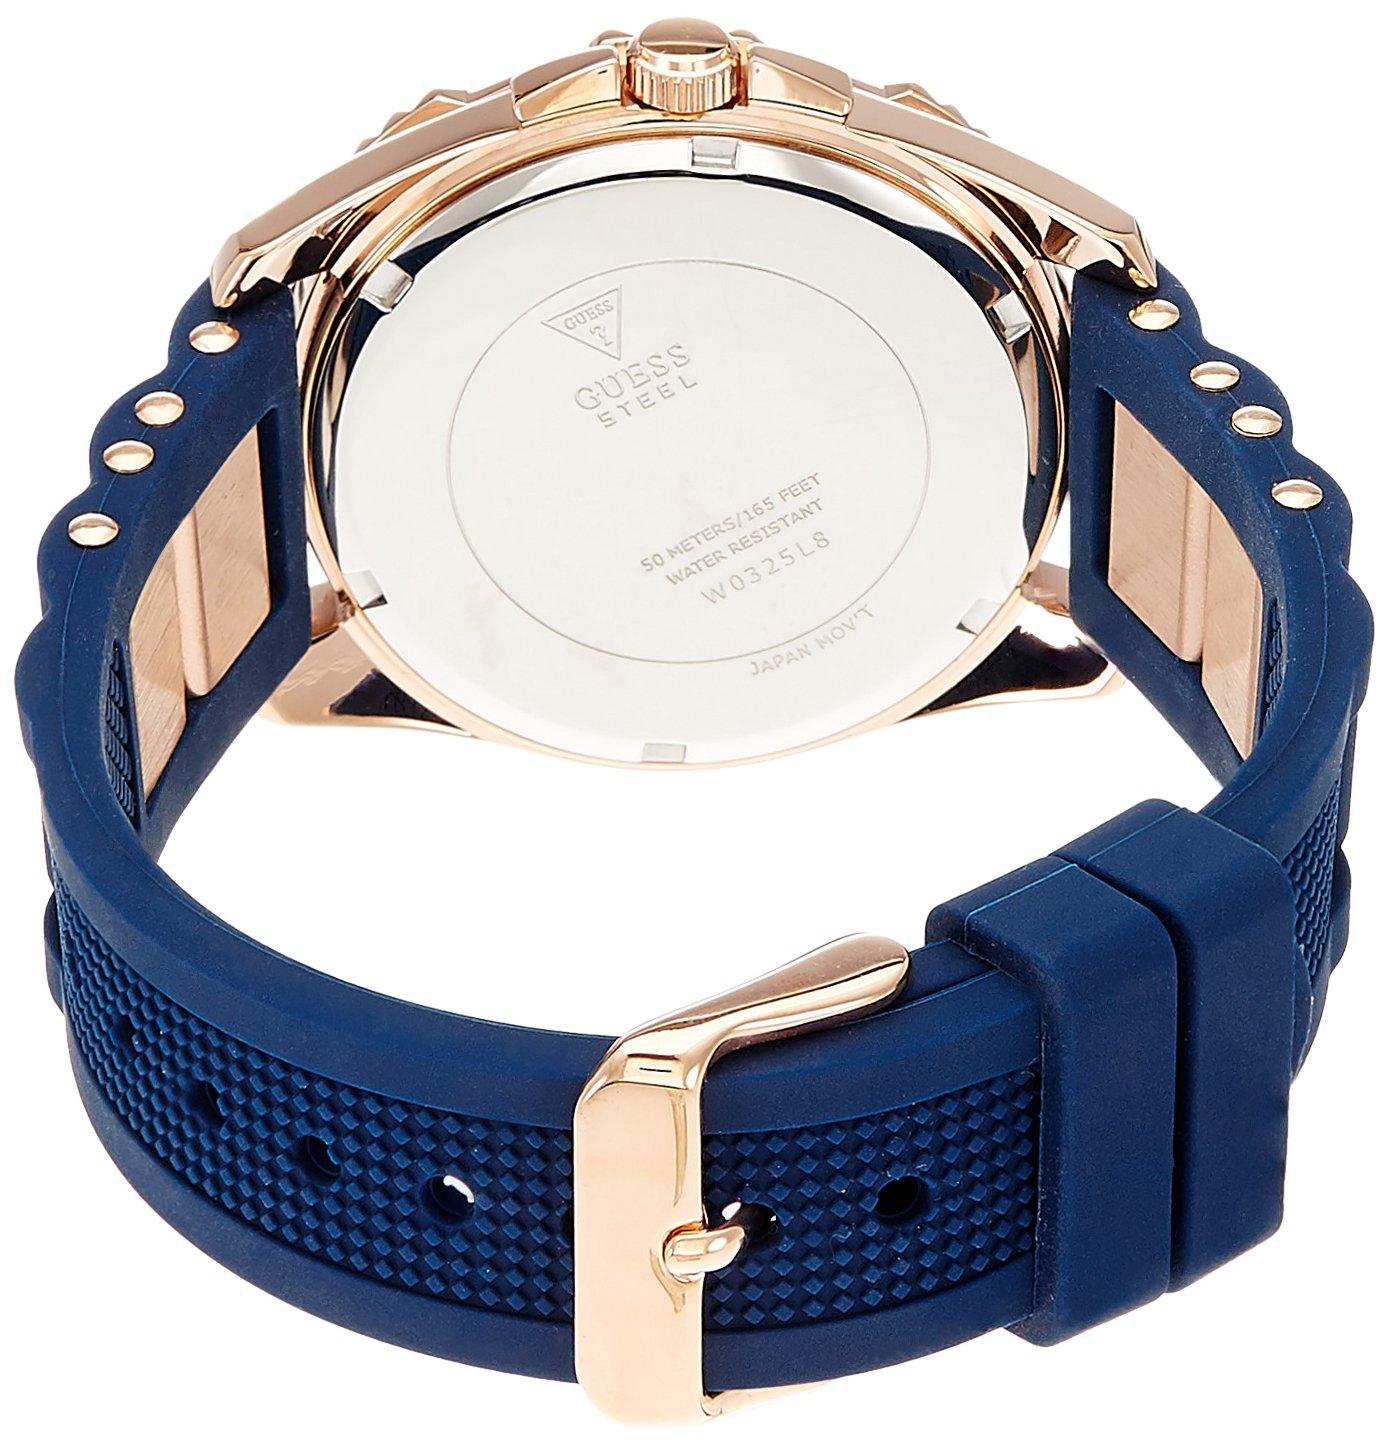 W0325l8Para Mujer W0325l8Para Mujer RelojGuess RelojGuess RelojGuess OTkXuPZi